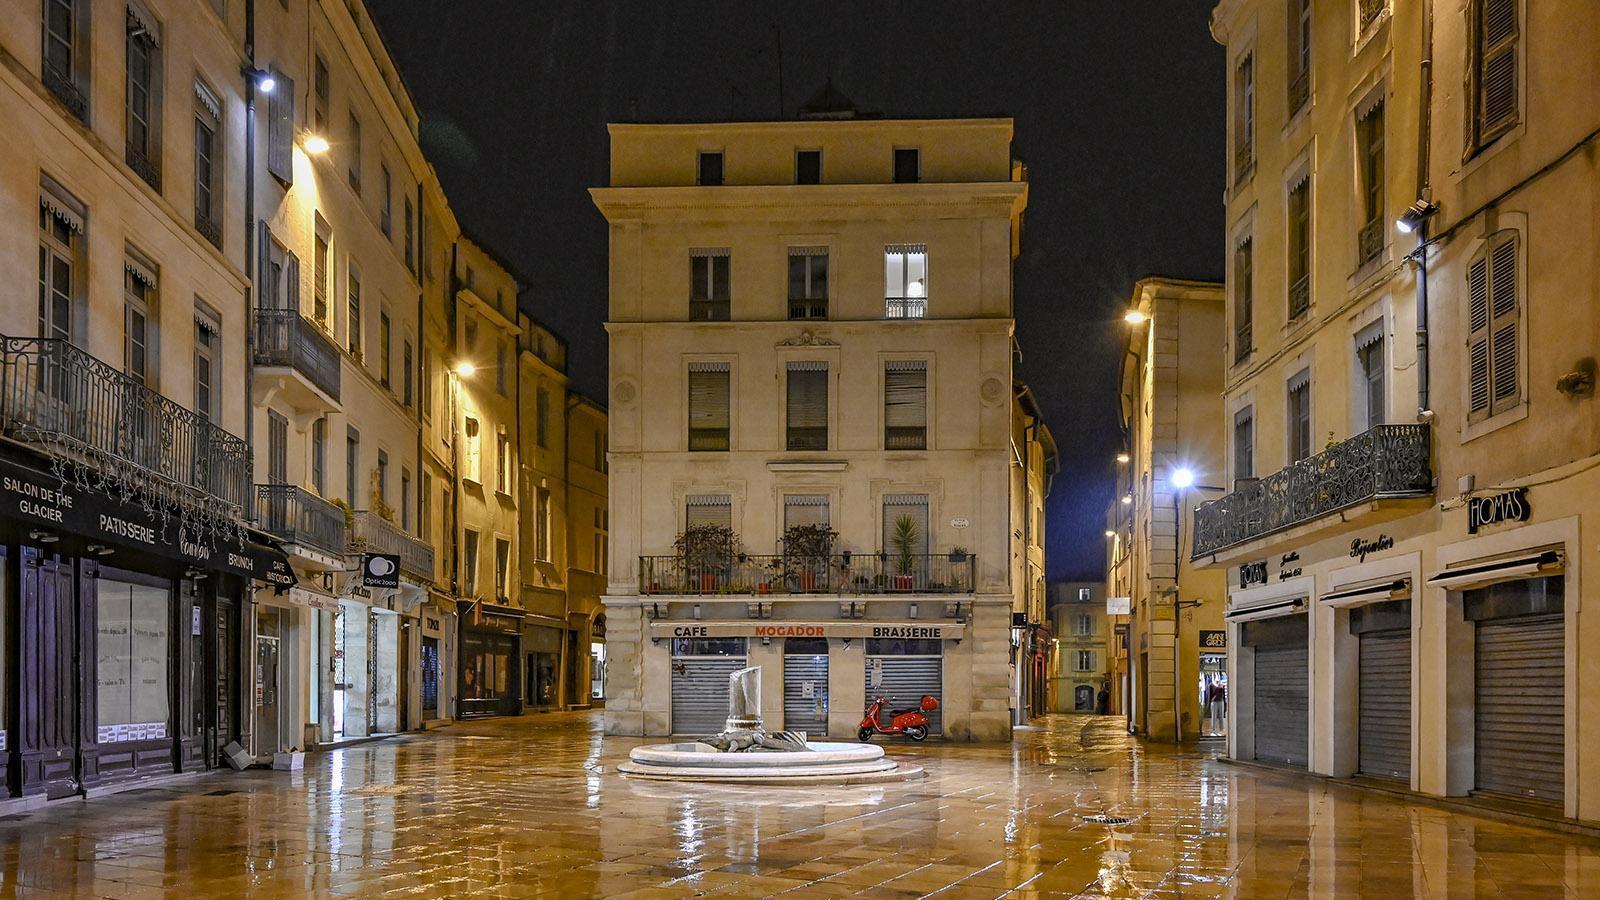 Nîmes: Place du Marché. Foto: Hilke Maunder